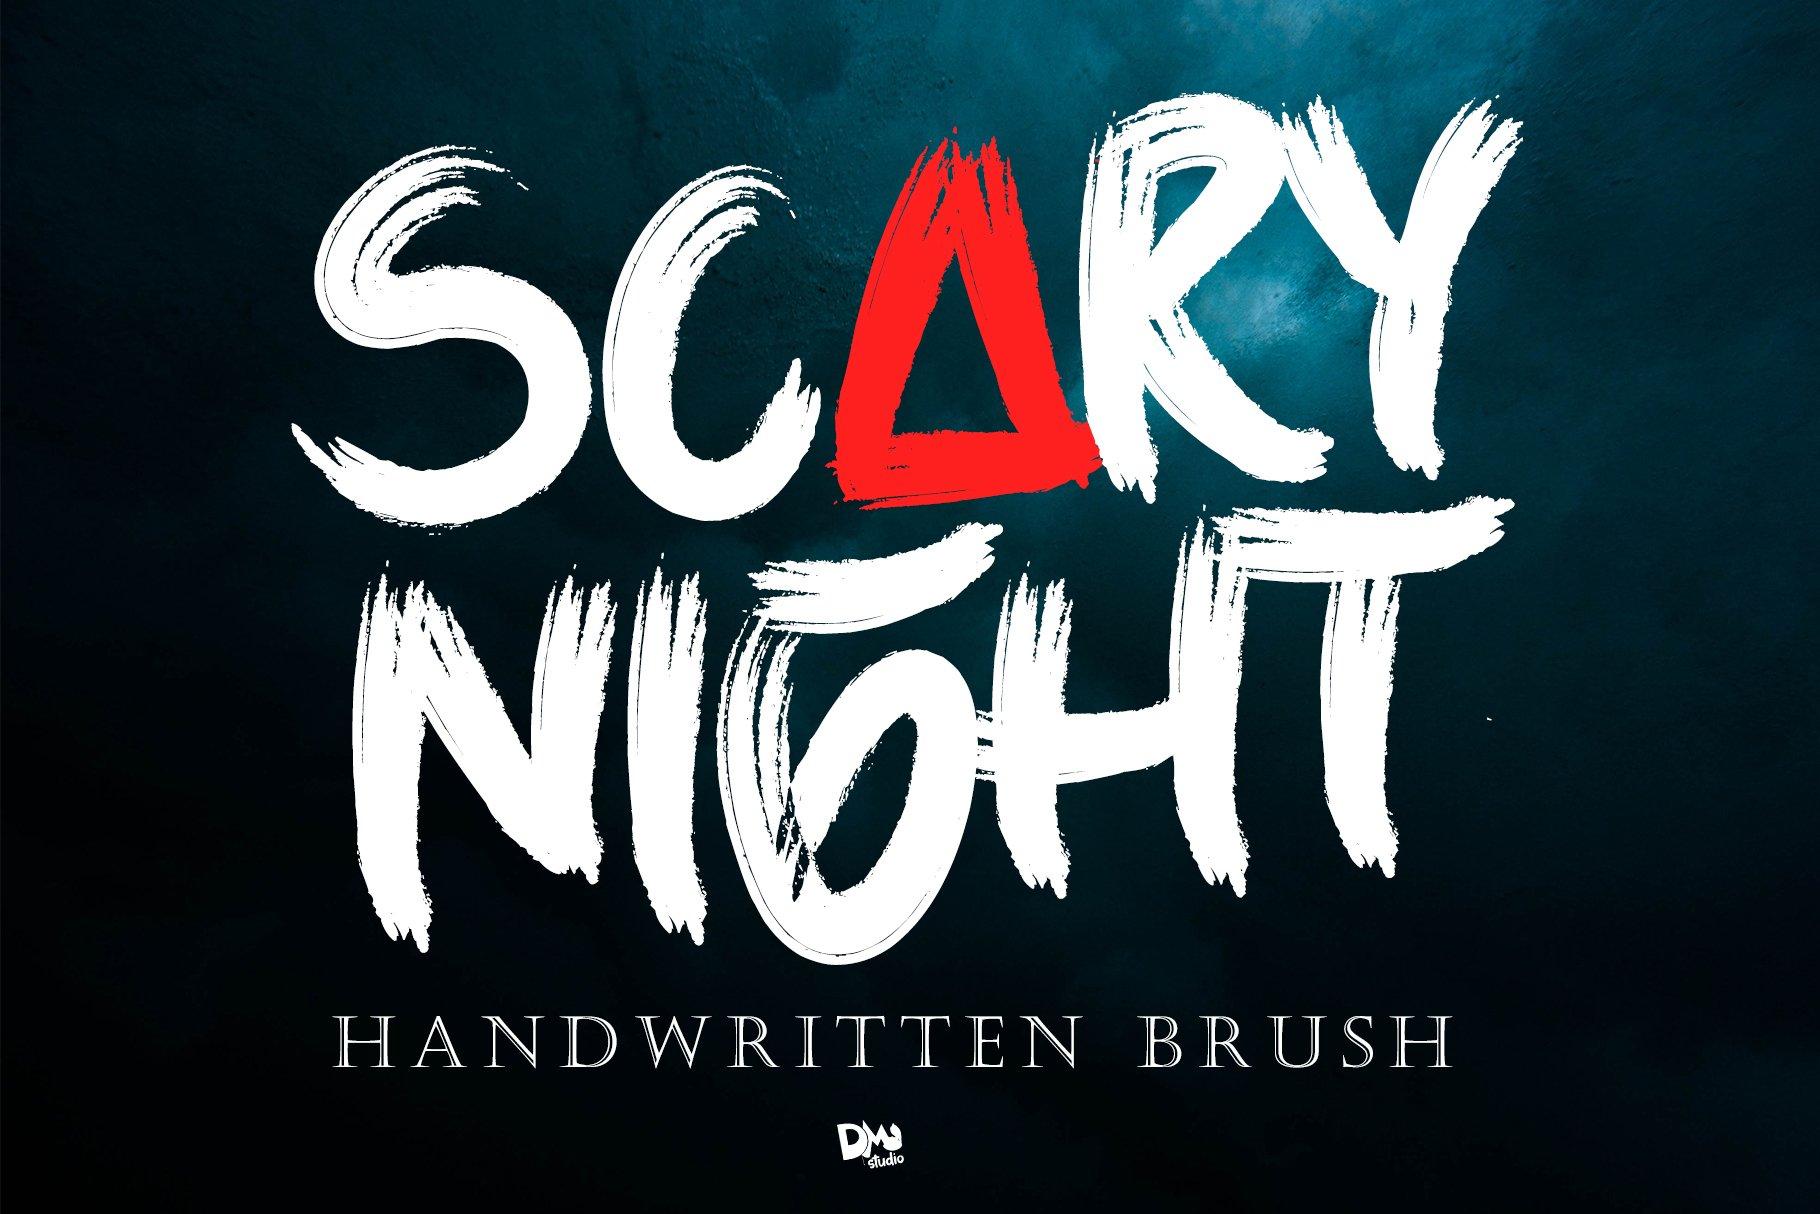 Scary Night - Handwritten Brush example image 1